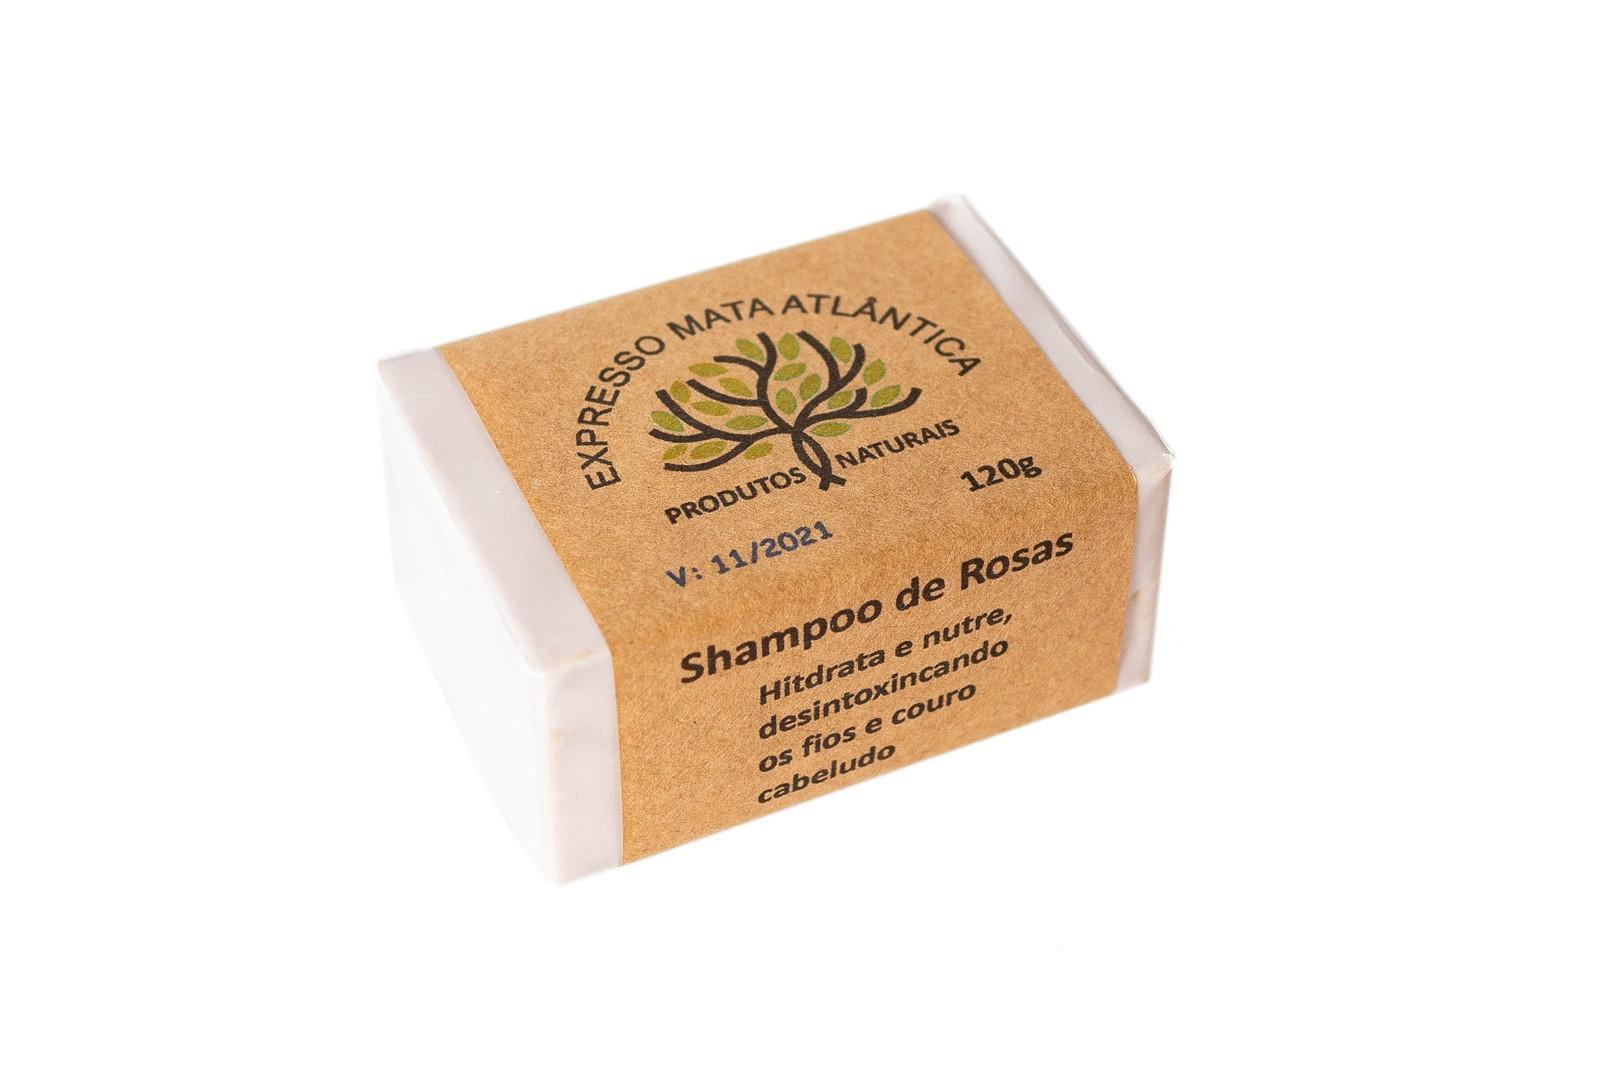 Shampoo Sólido Vegano Rosas da Expresso Mata Atlântica